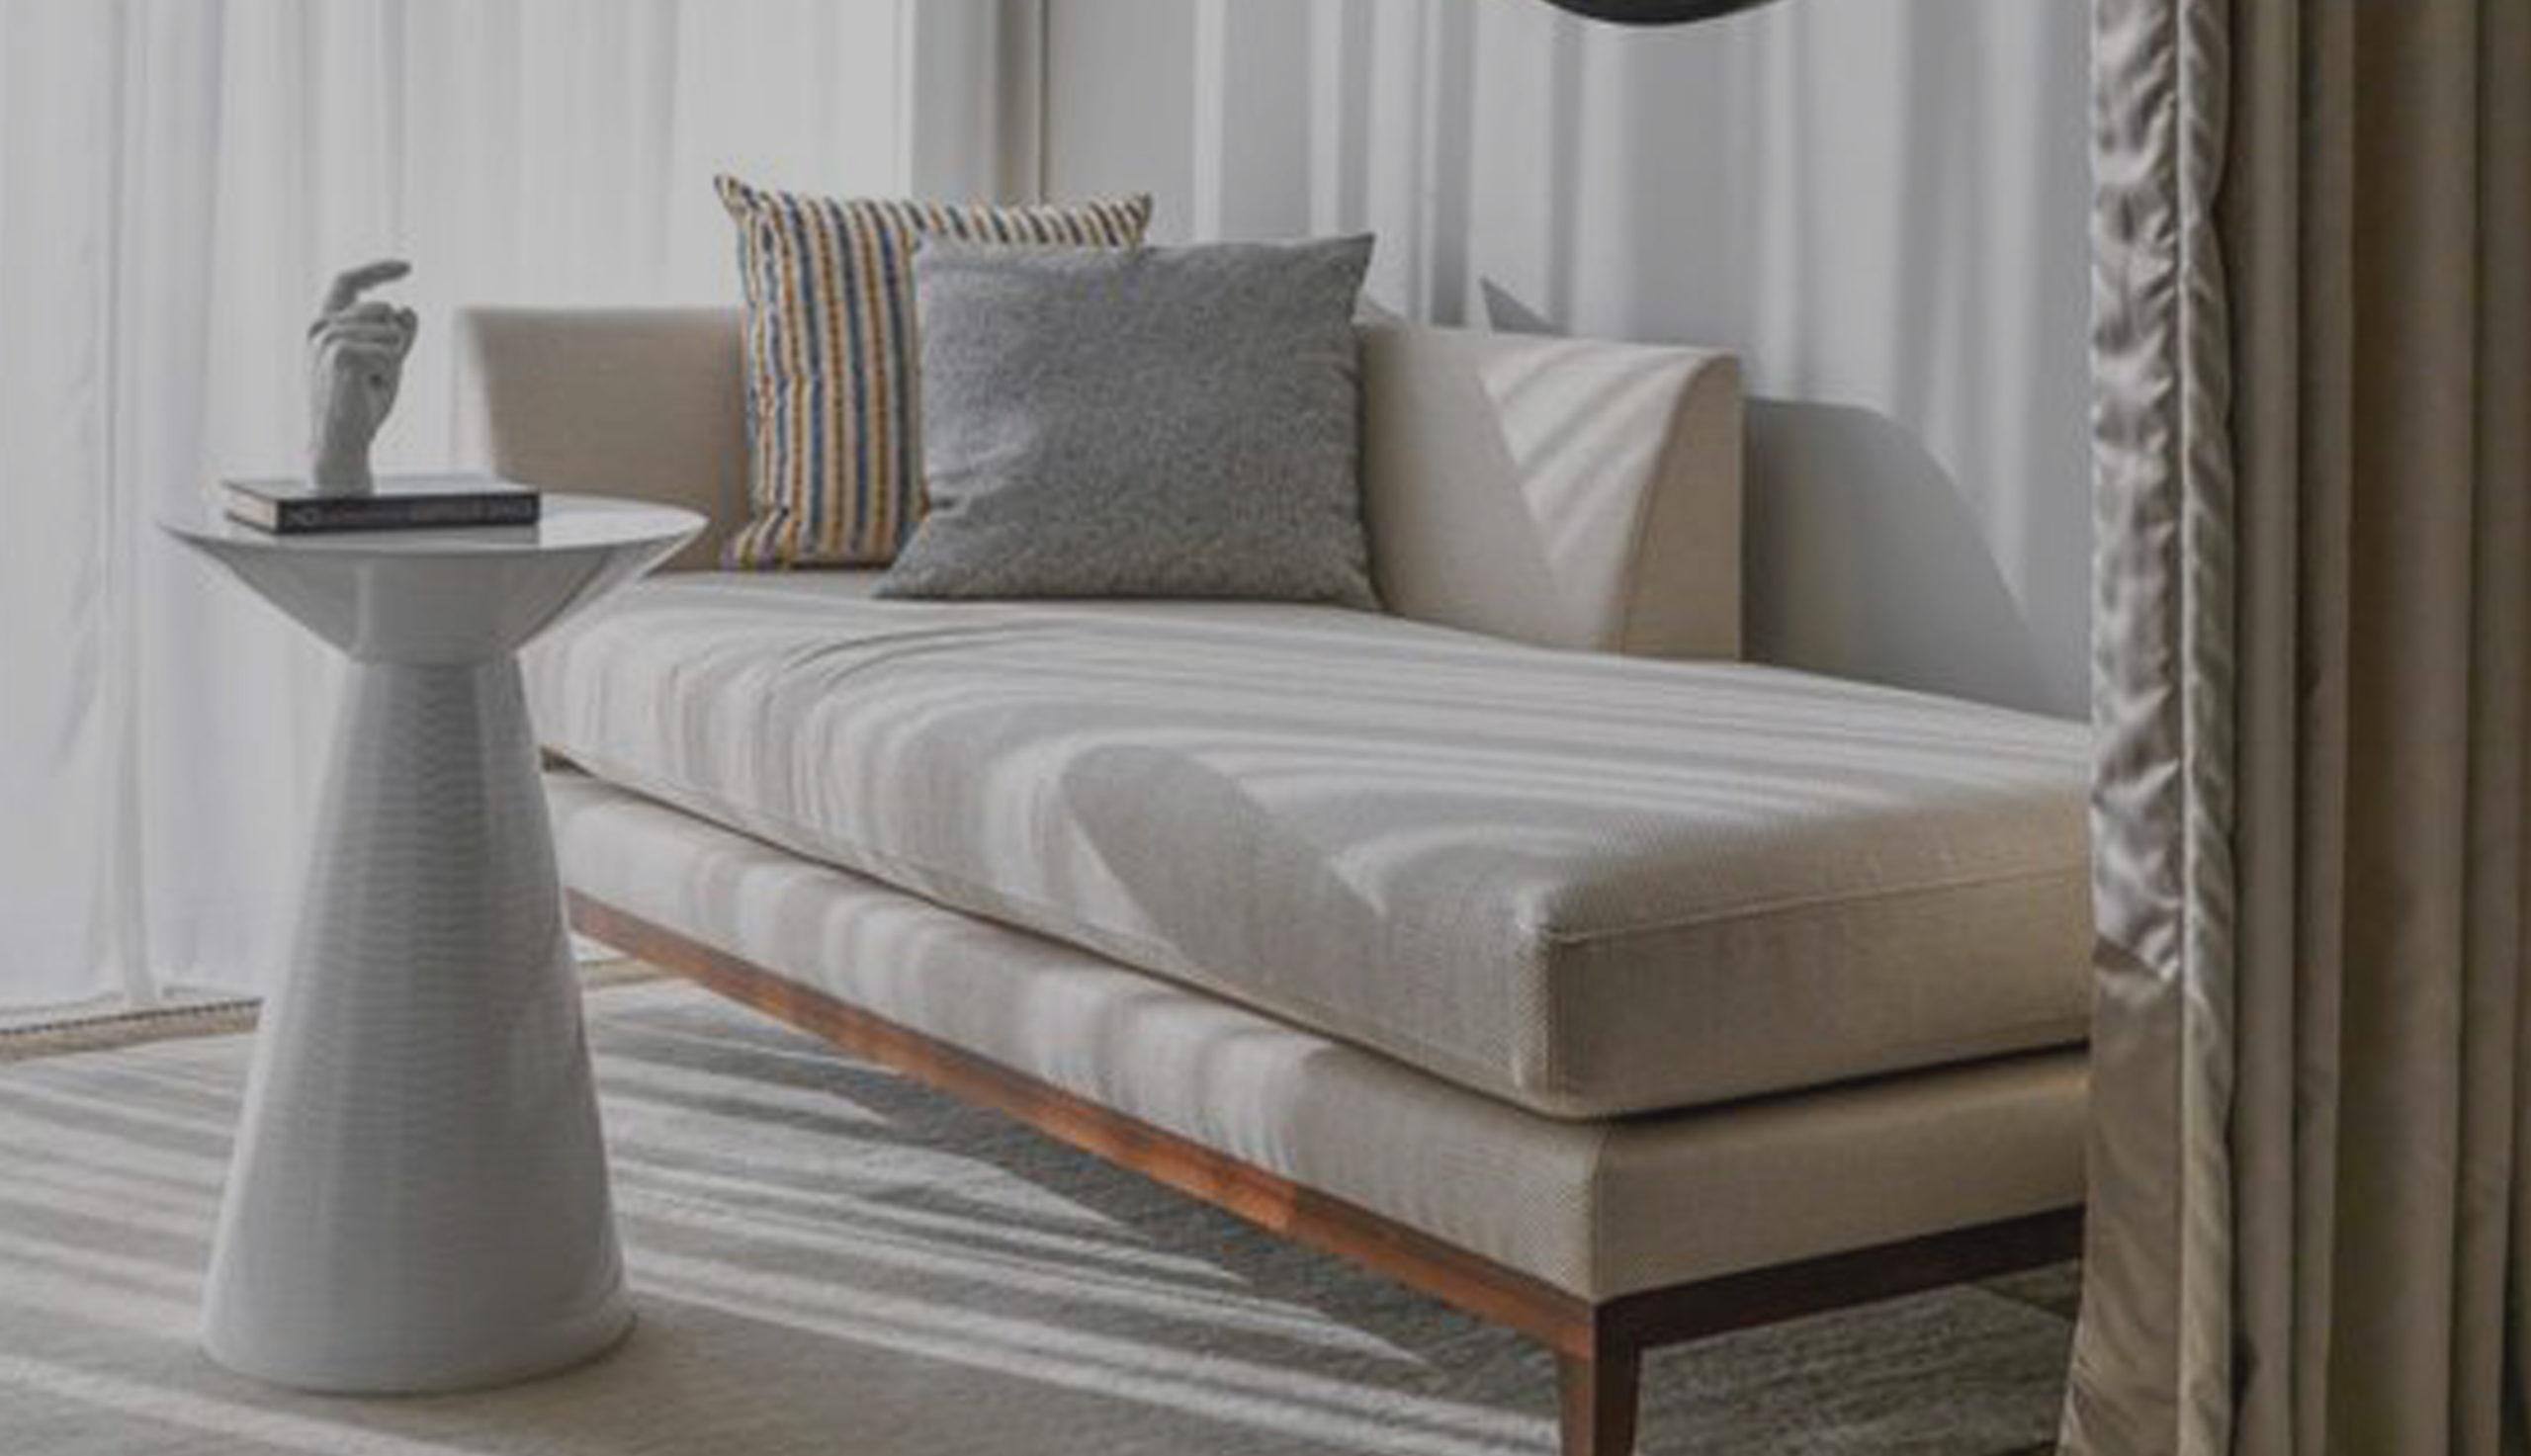 Химчистка и стирка домашнего, интерьерного, столового текстиля